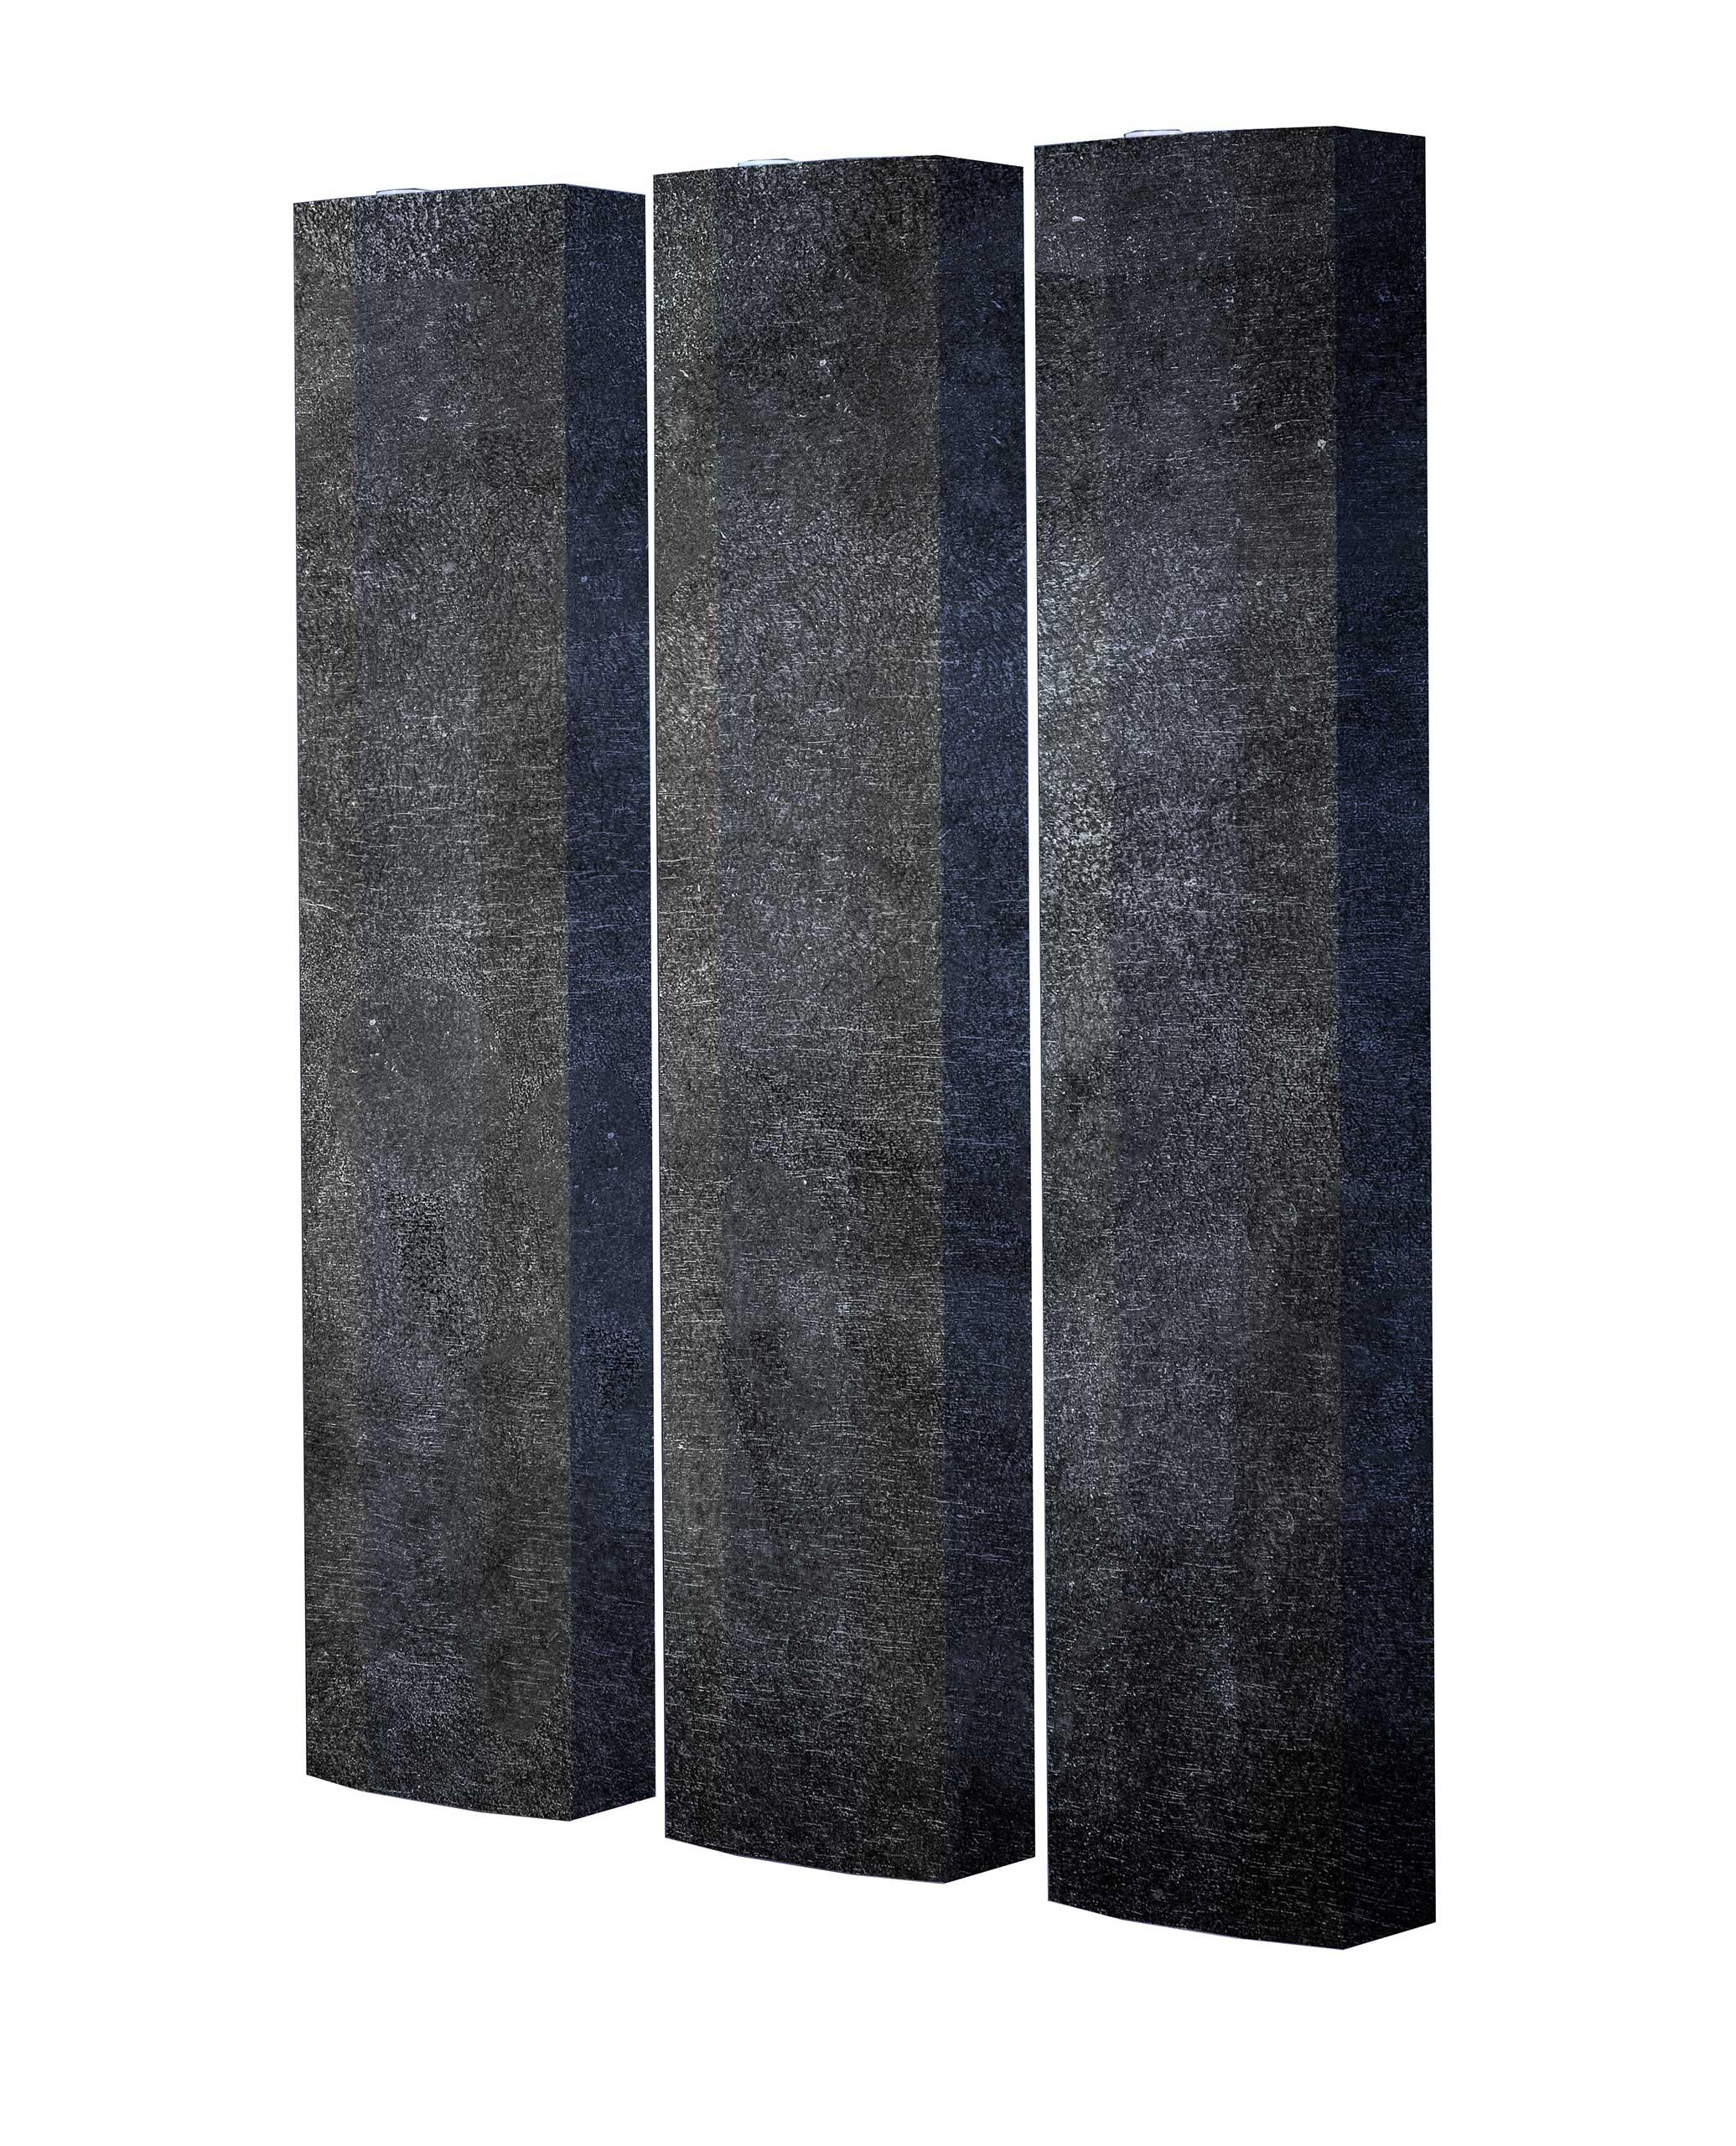 Schuhschrank STORM Motivschrank Trio ST138 Grau Muster weiß 3er Set